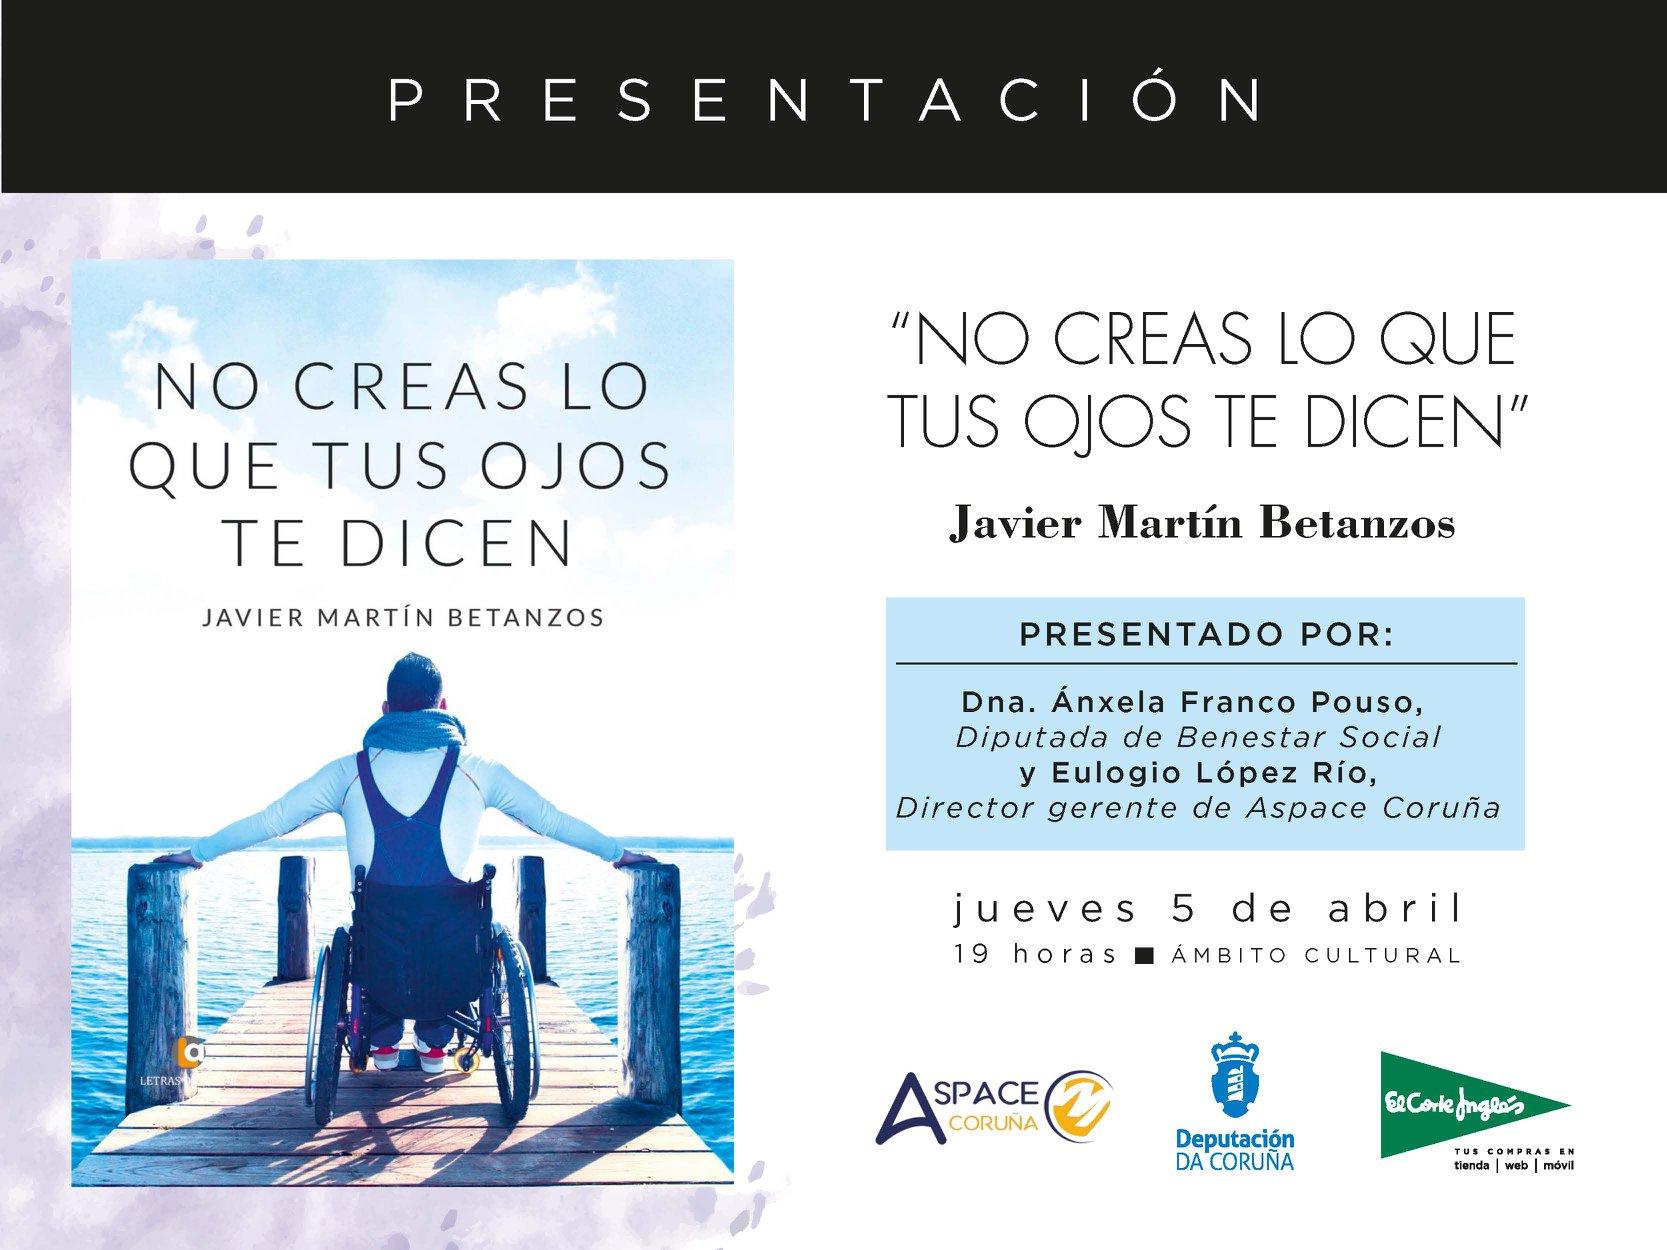 Presentación de No creas lo que tus ojos de dicen en el Cortes Inglés de A Coruña